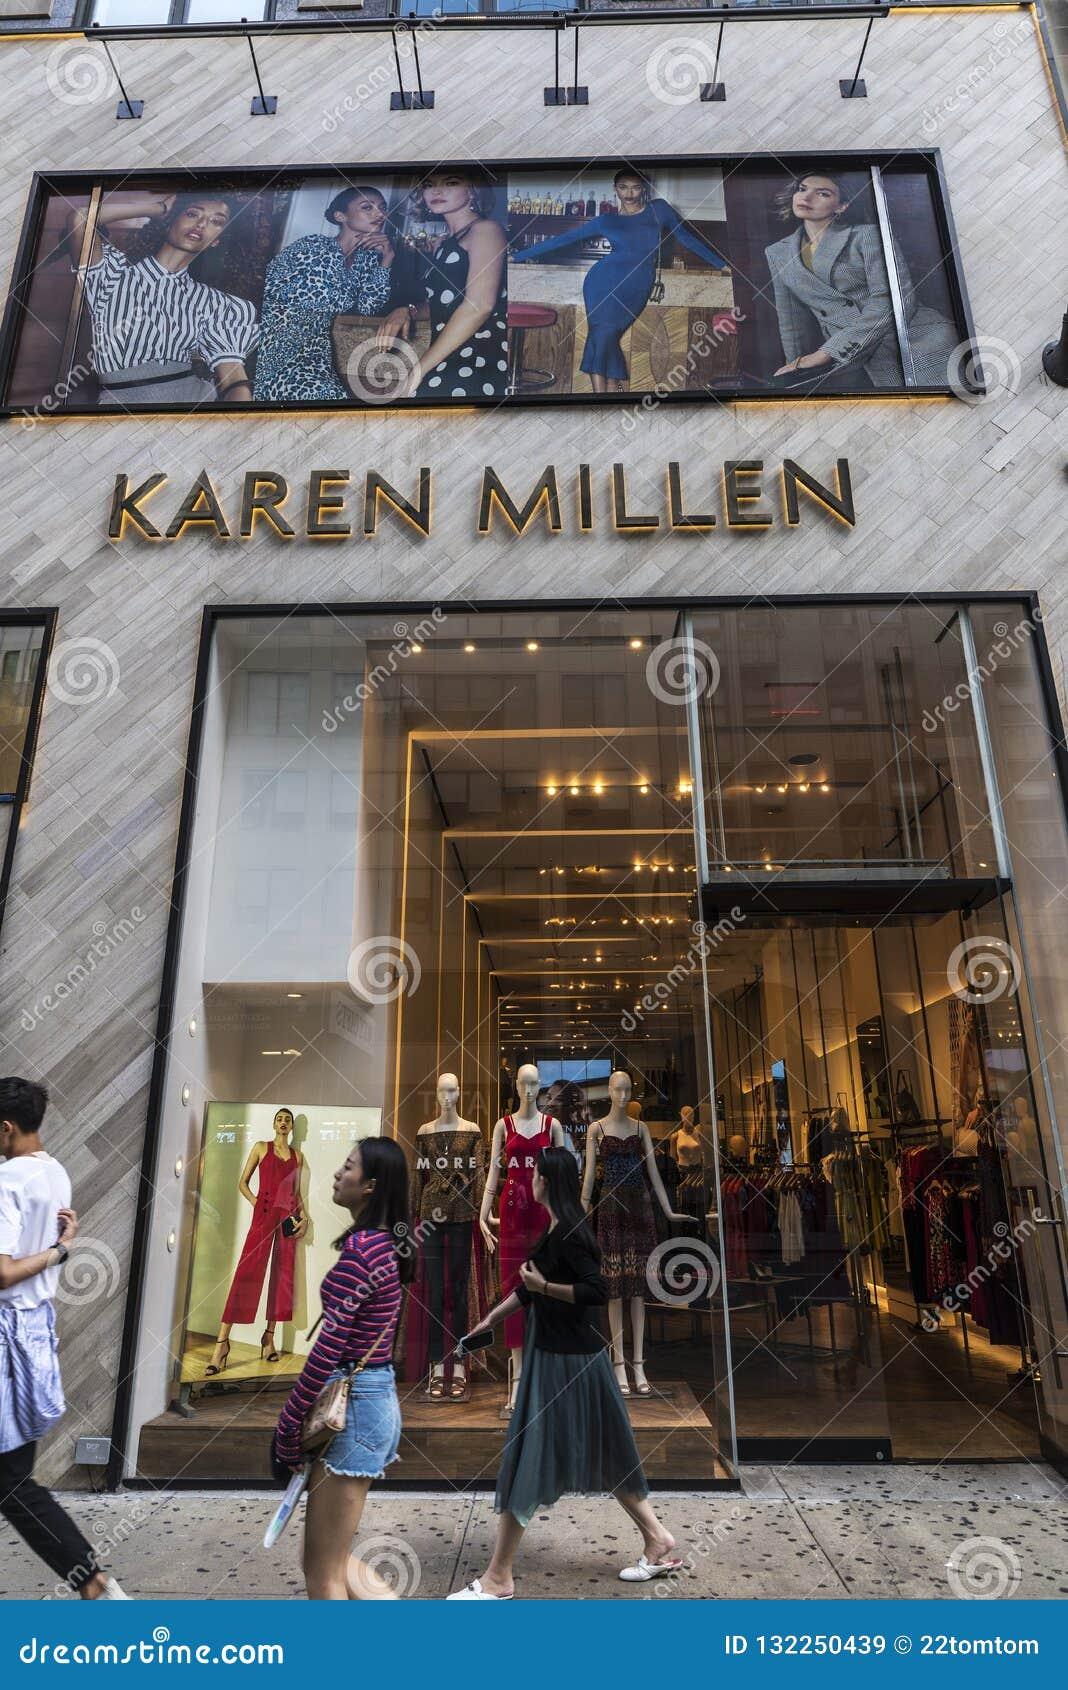 1c5d691aed6 Karen Millen Store In New York City, USA Editorial Stock Image ...